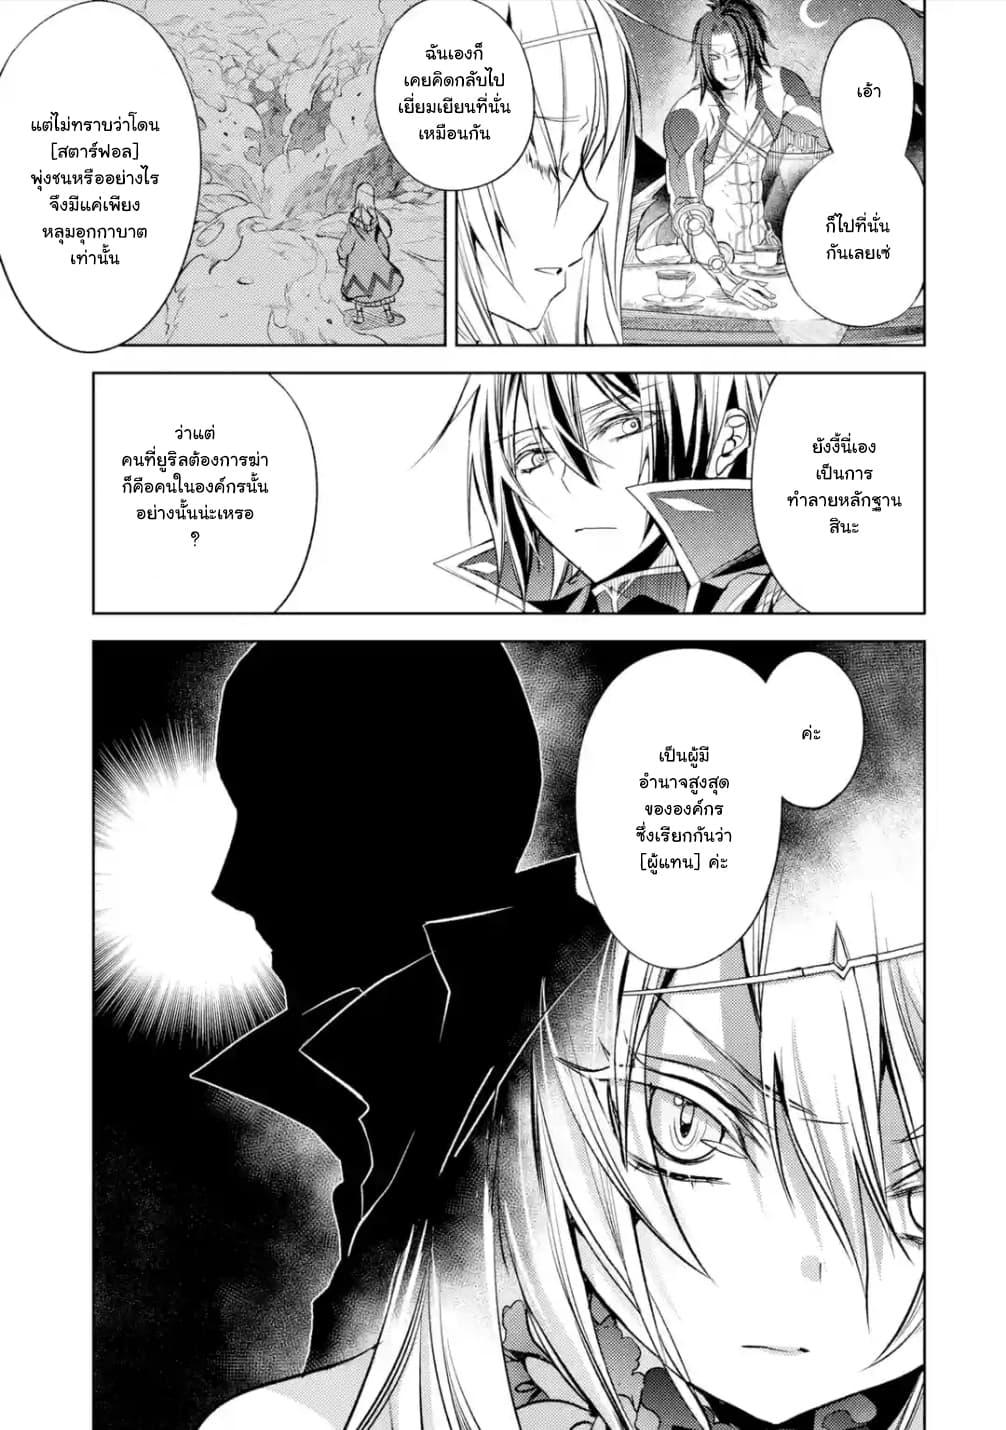 อ่านการ์ตูน Senmetsumadou no Saikyokenja ตอนที่ 4.4 หน้าที่ 2